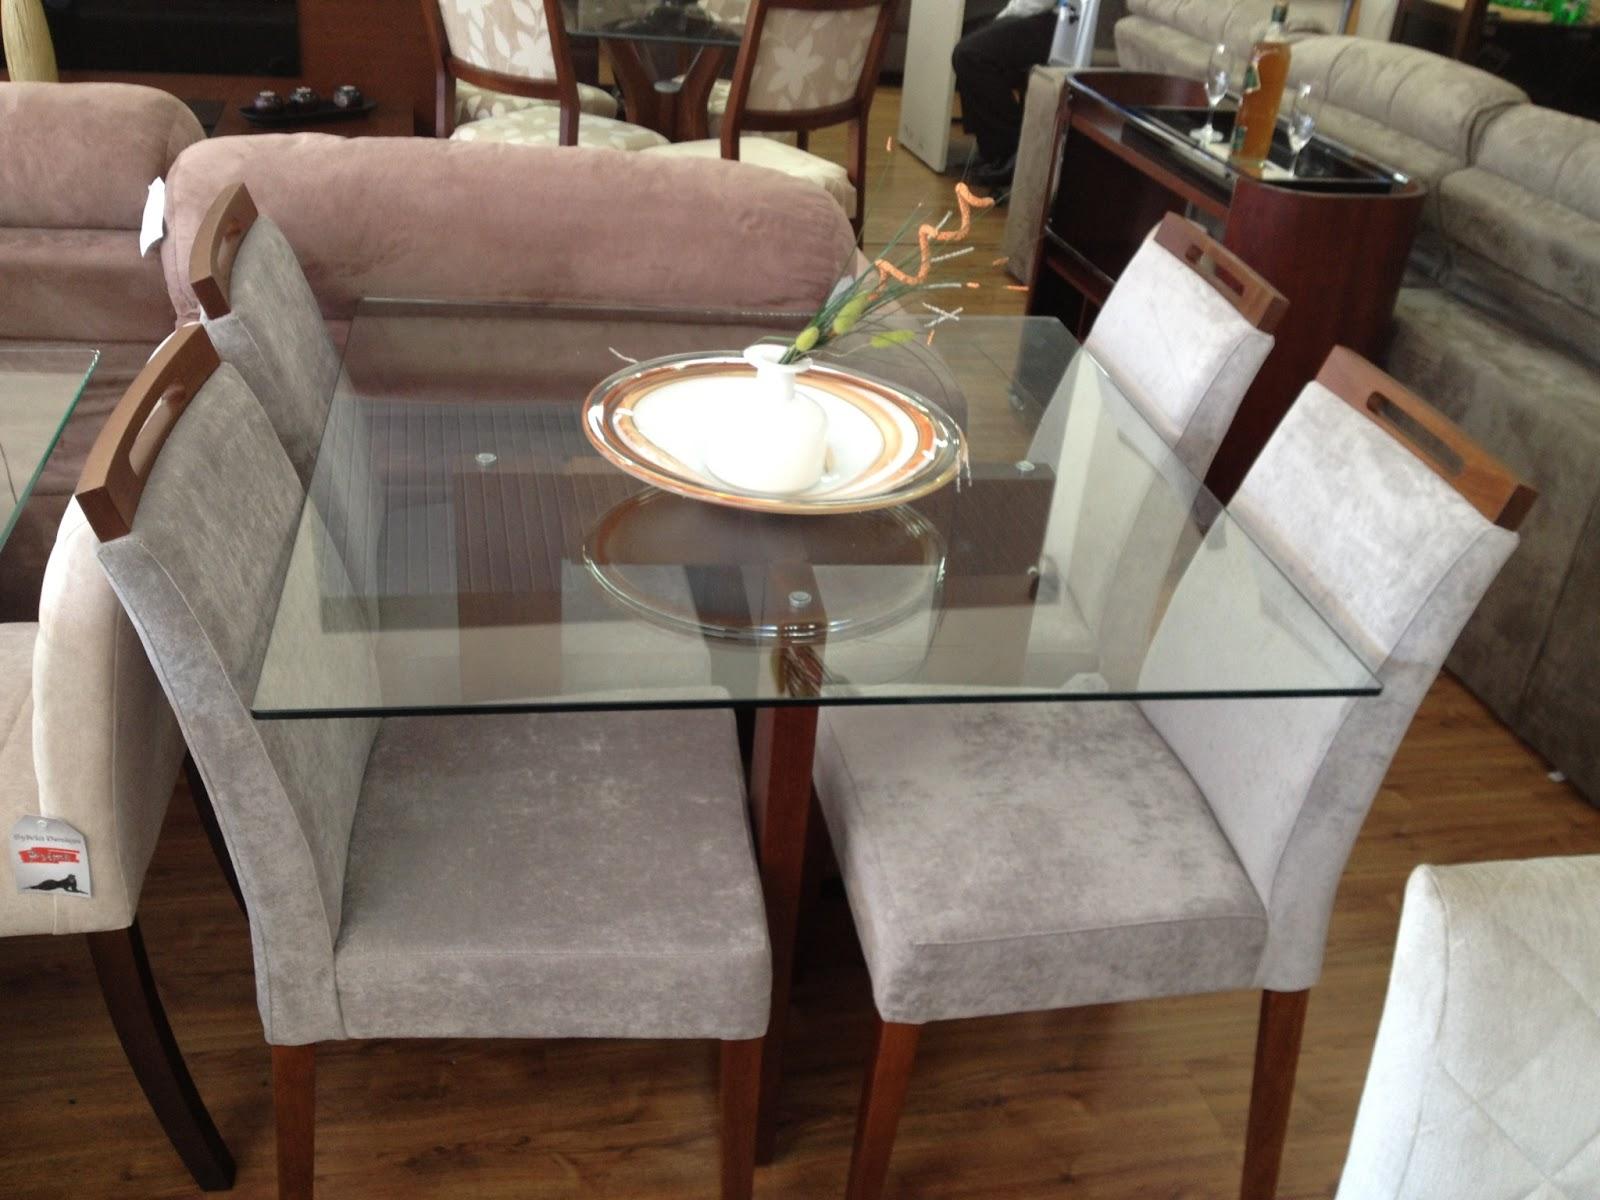 Casados sem casa sof mesa de jantar - Mesas de sofa ...